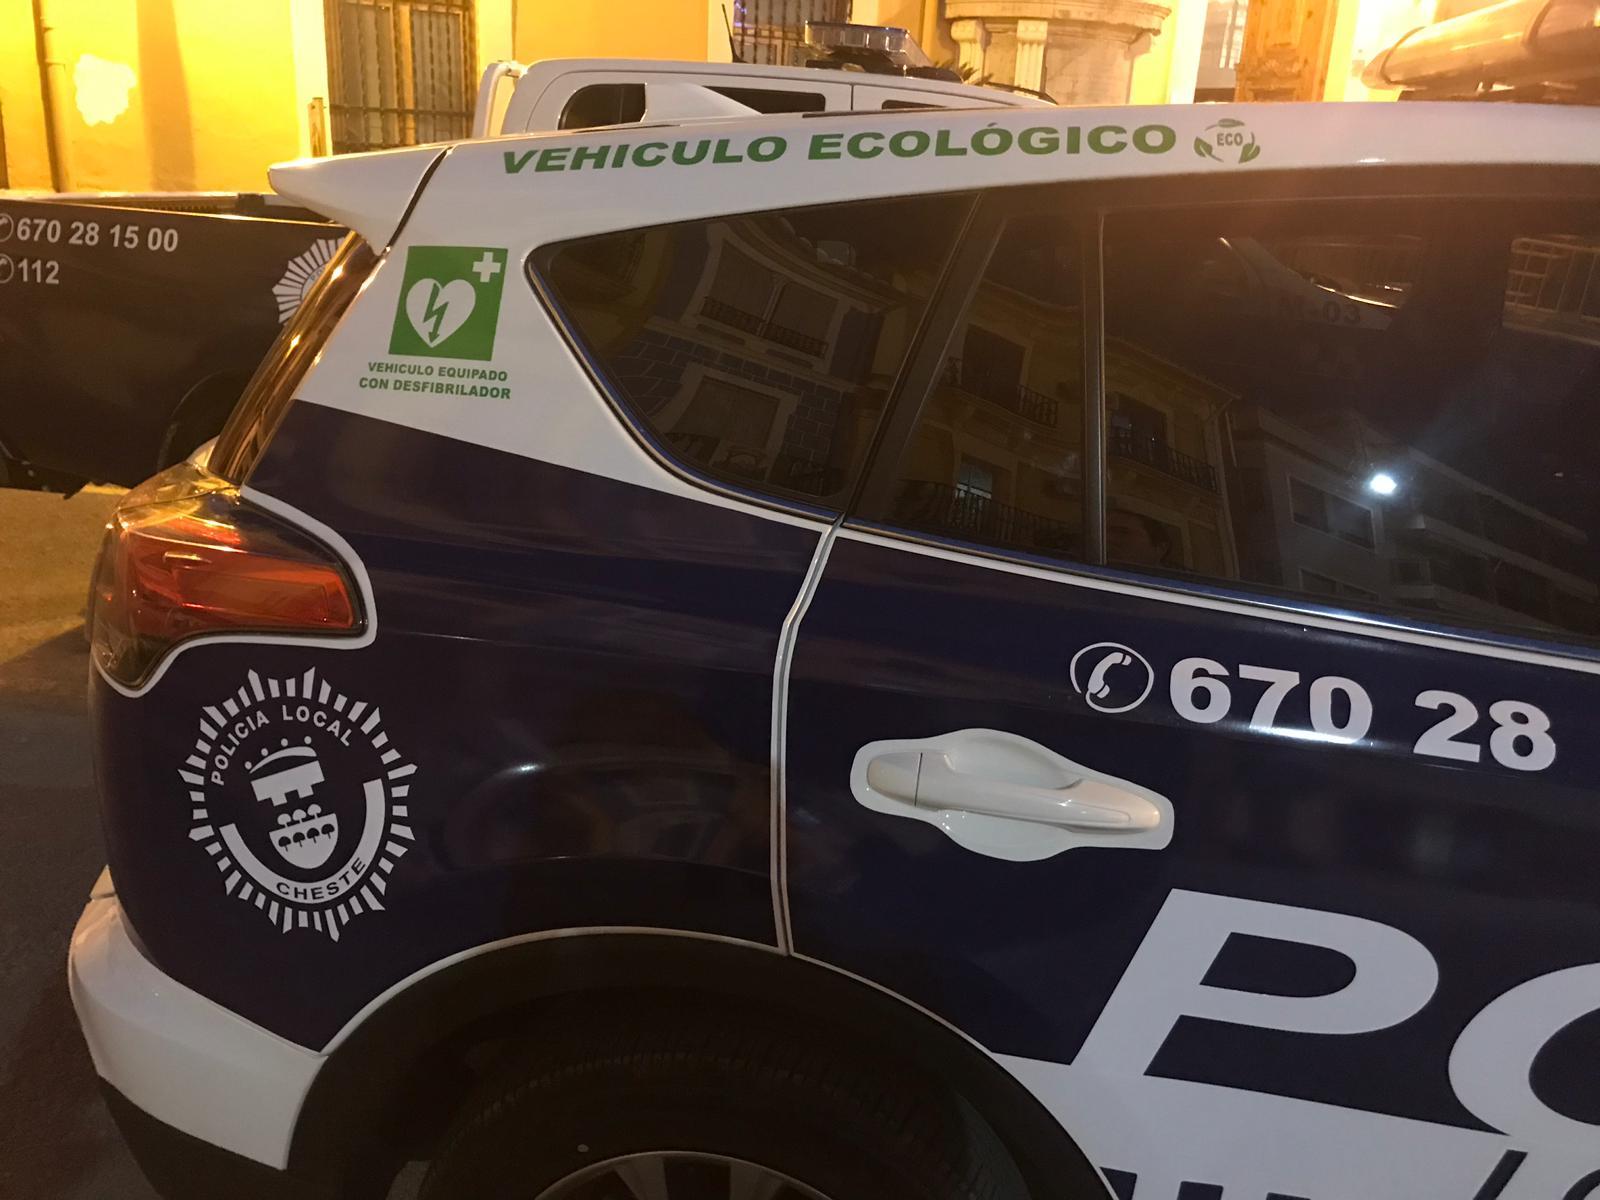 Nuevo vehículo híbrido de la Policía Local de Cheste.